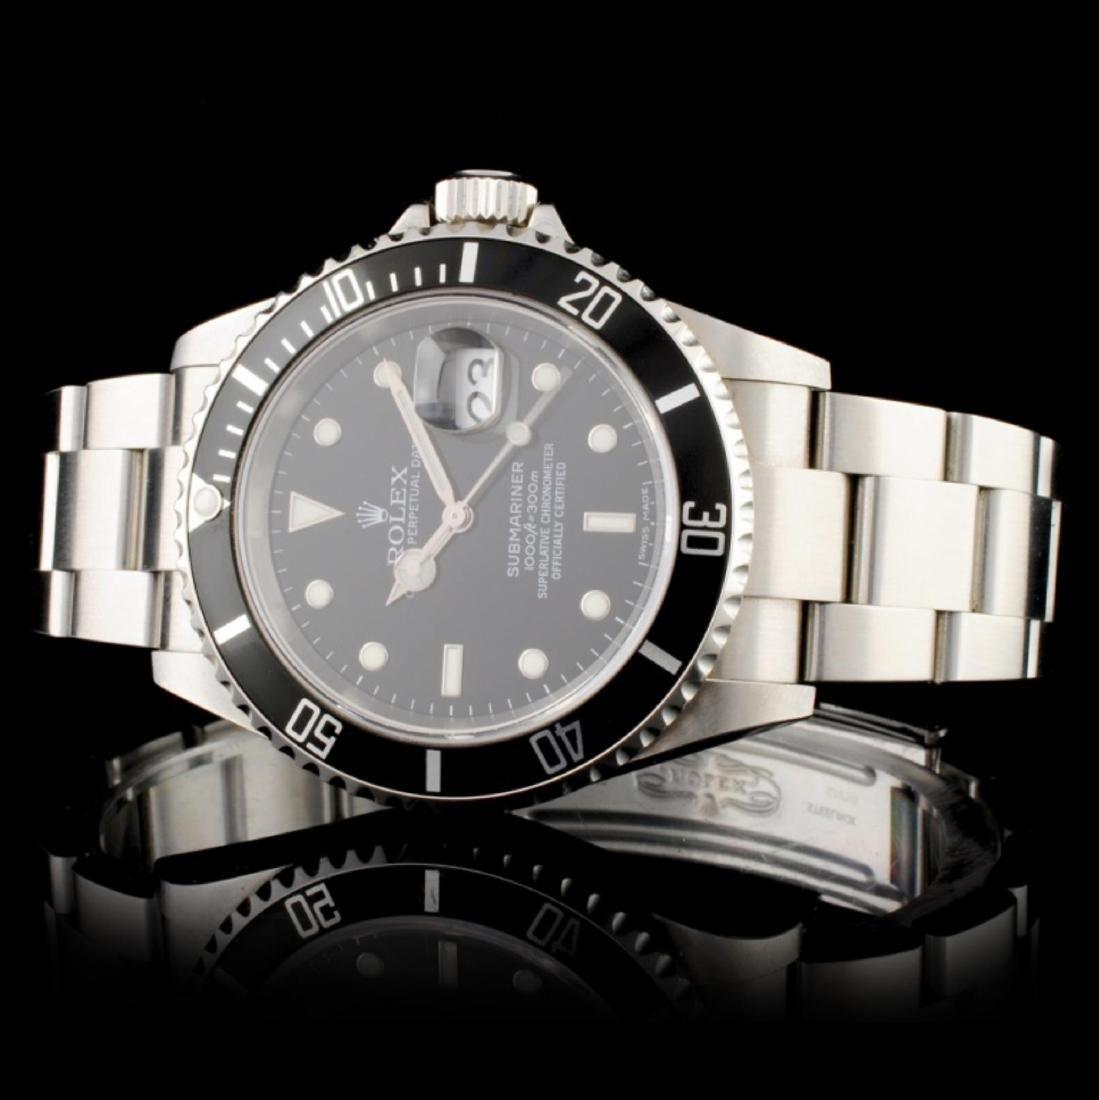 Rolex Submariner Stainless Steel Wristwatch - 2